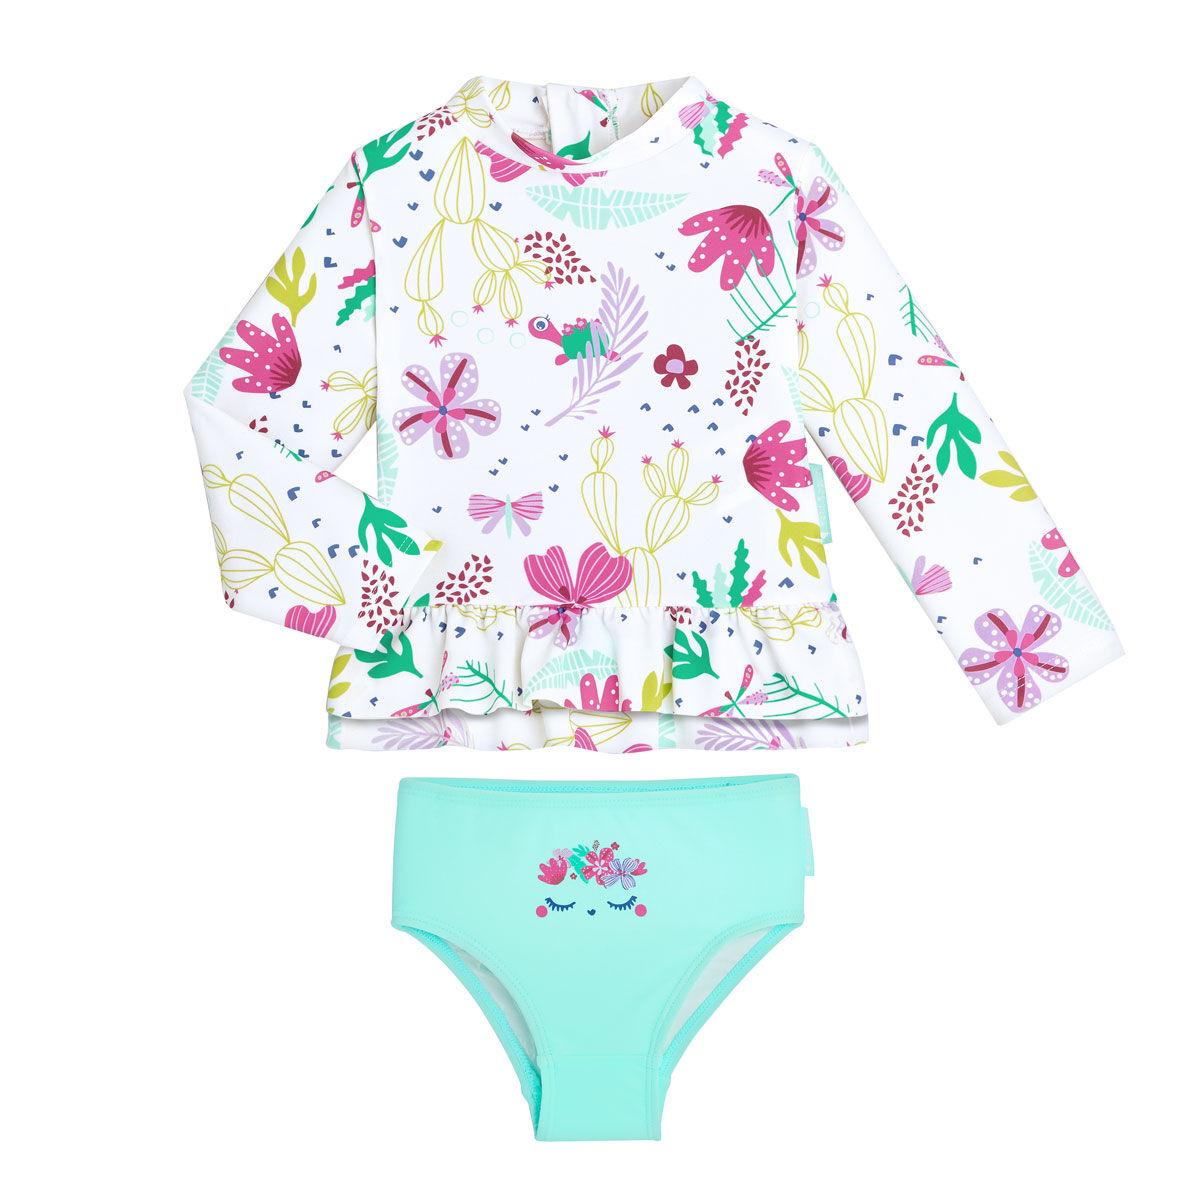 Petit Béguin Maillot de bain ANTI-UV fille 2 pièces t-shirt & culotte Tropic Coco - Taille - 12 mois